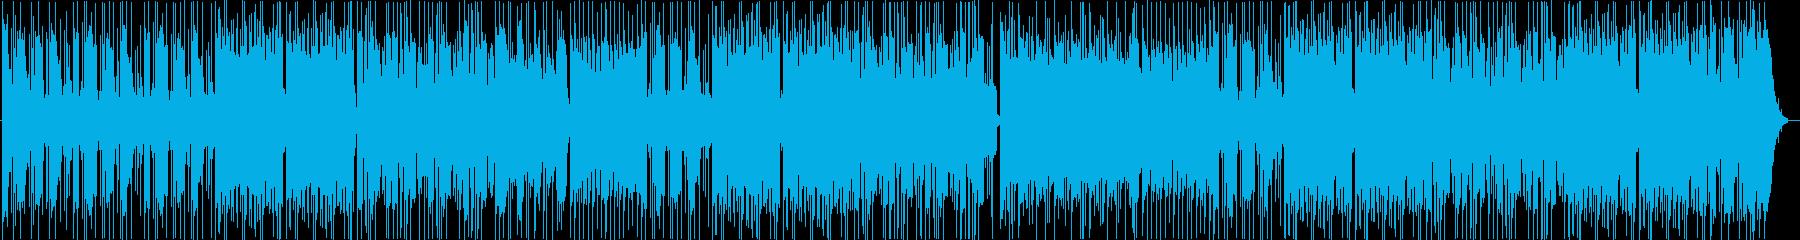 激しさと力強さのロック系インストの再生済みの波形